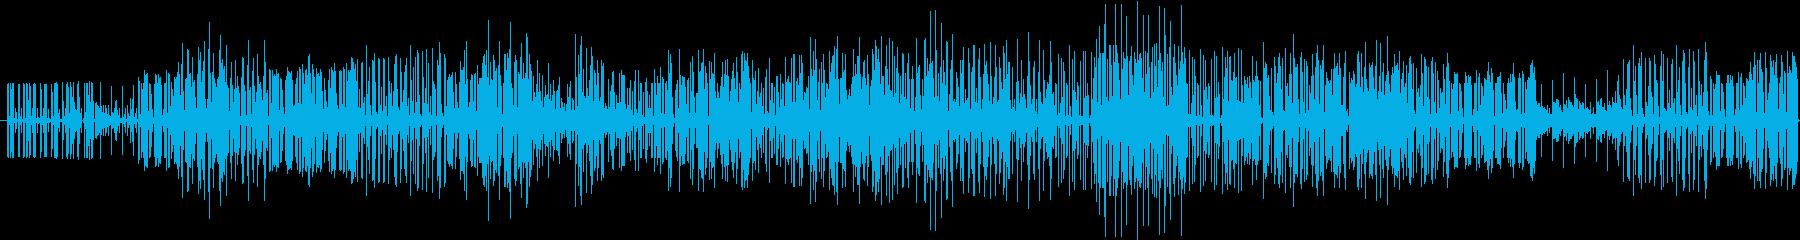 待っている時間を意識したエレクトロ曲ですの再生済みの波形